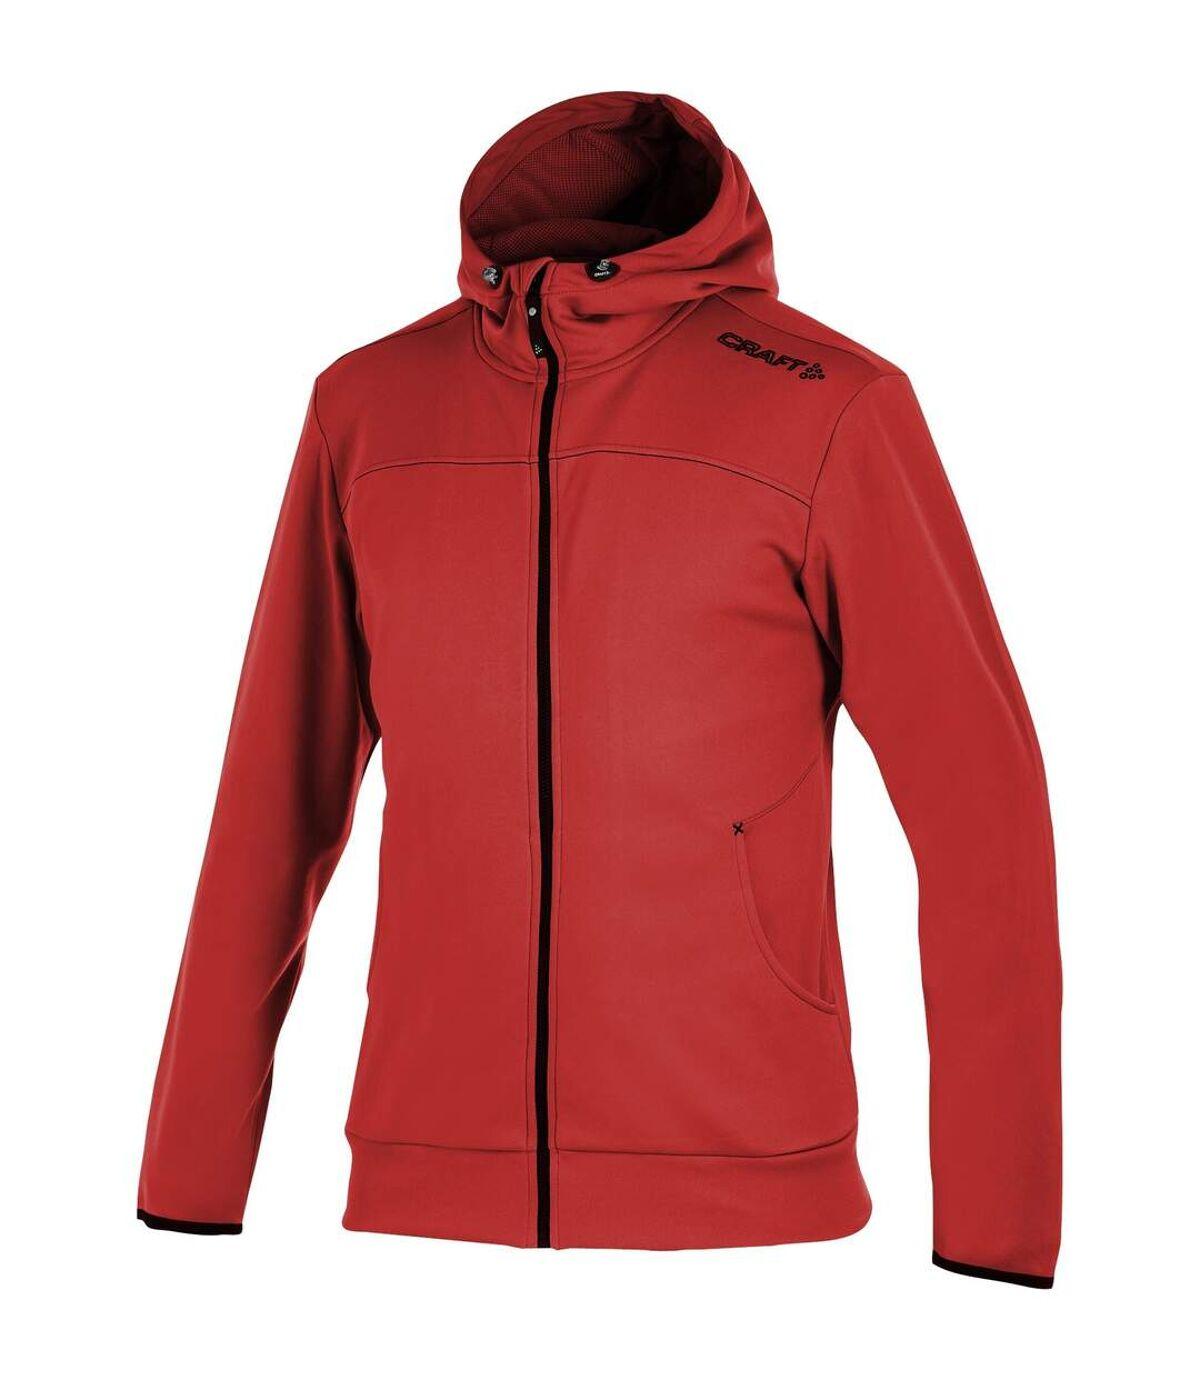 Craft Mens Leisure Athletic Full Zip Hoodie Jacket (Red) - UTRW4131